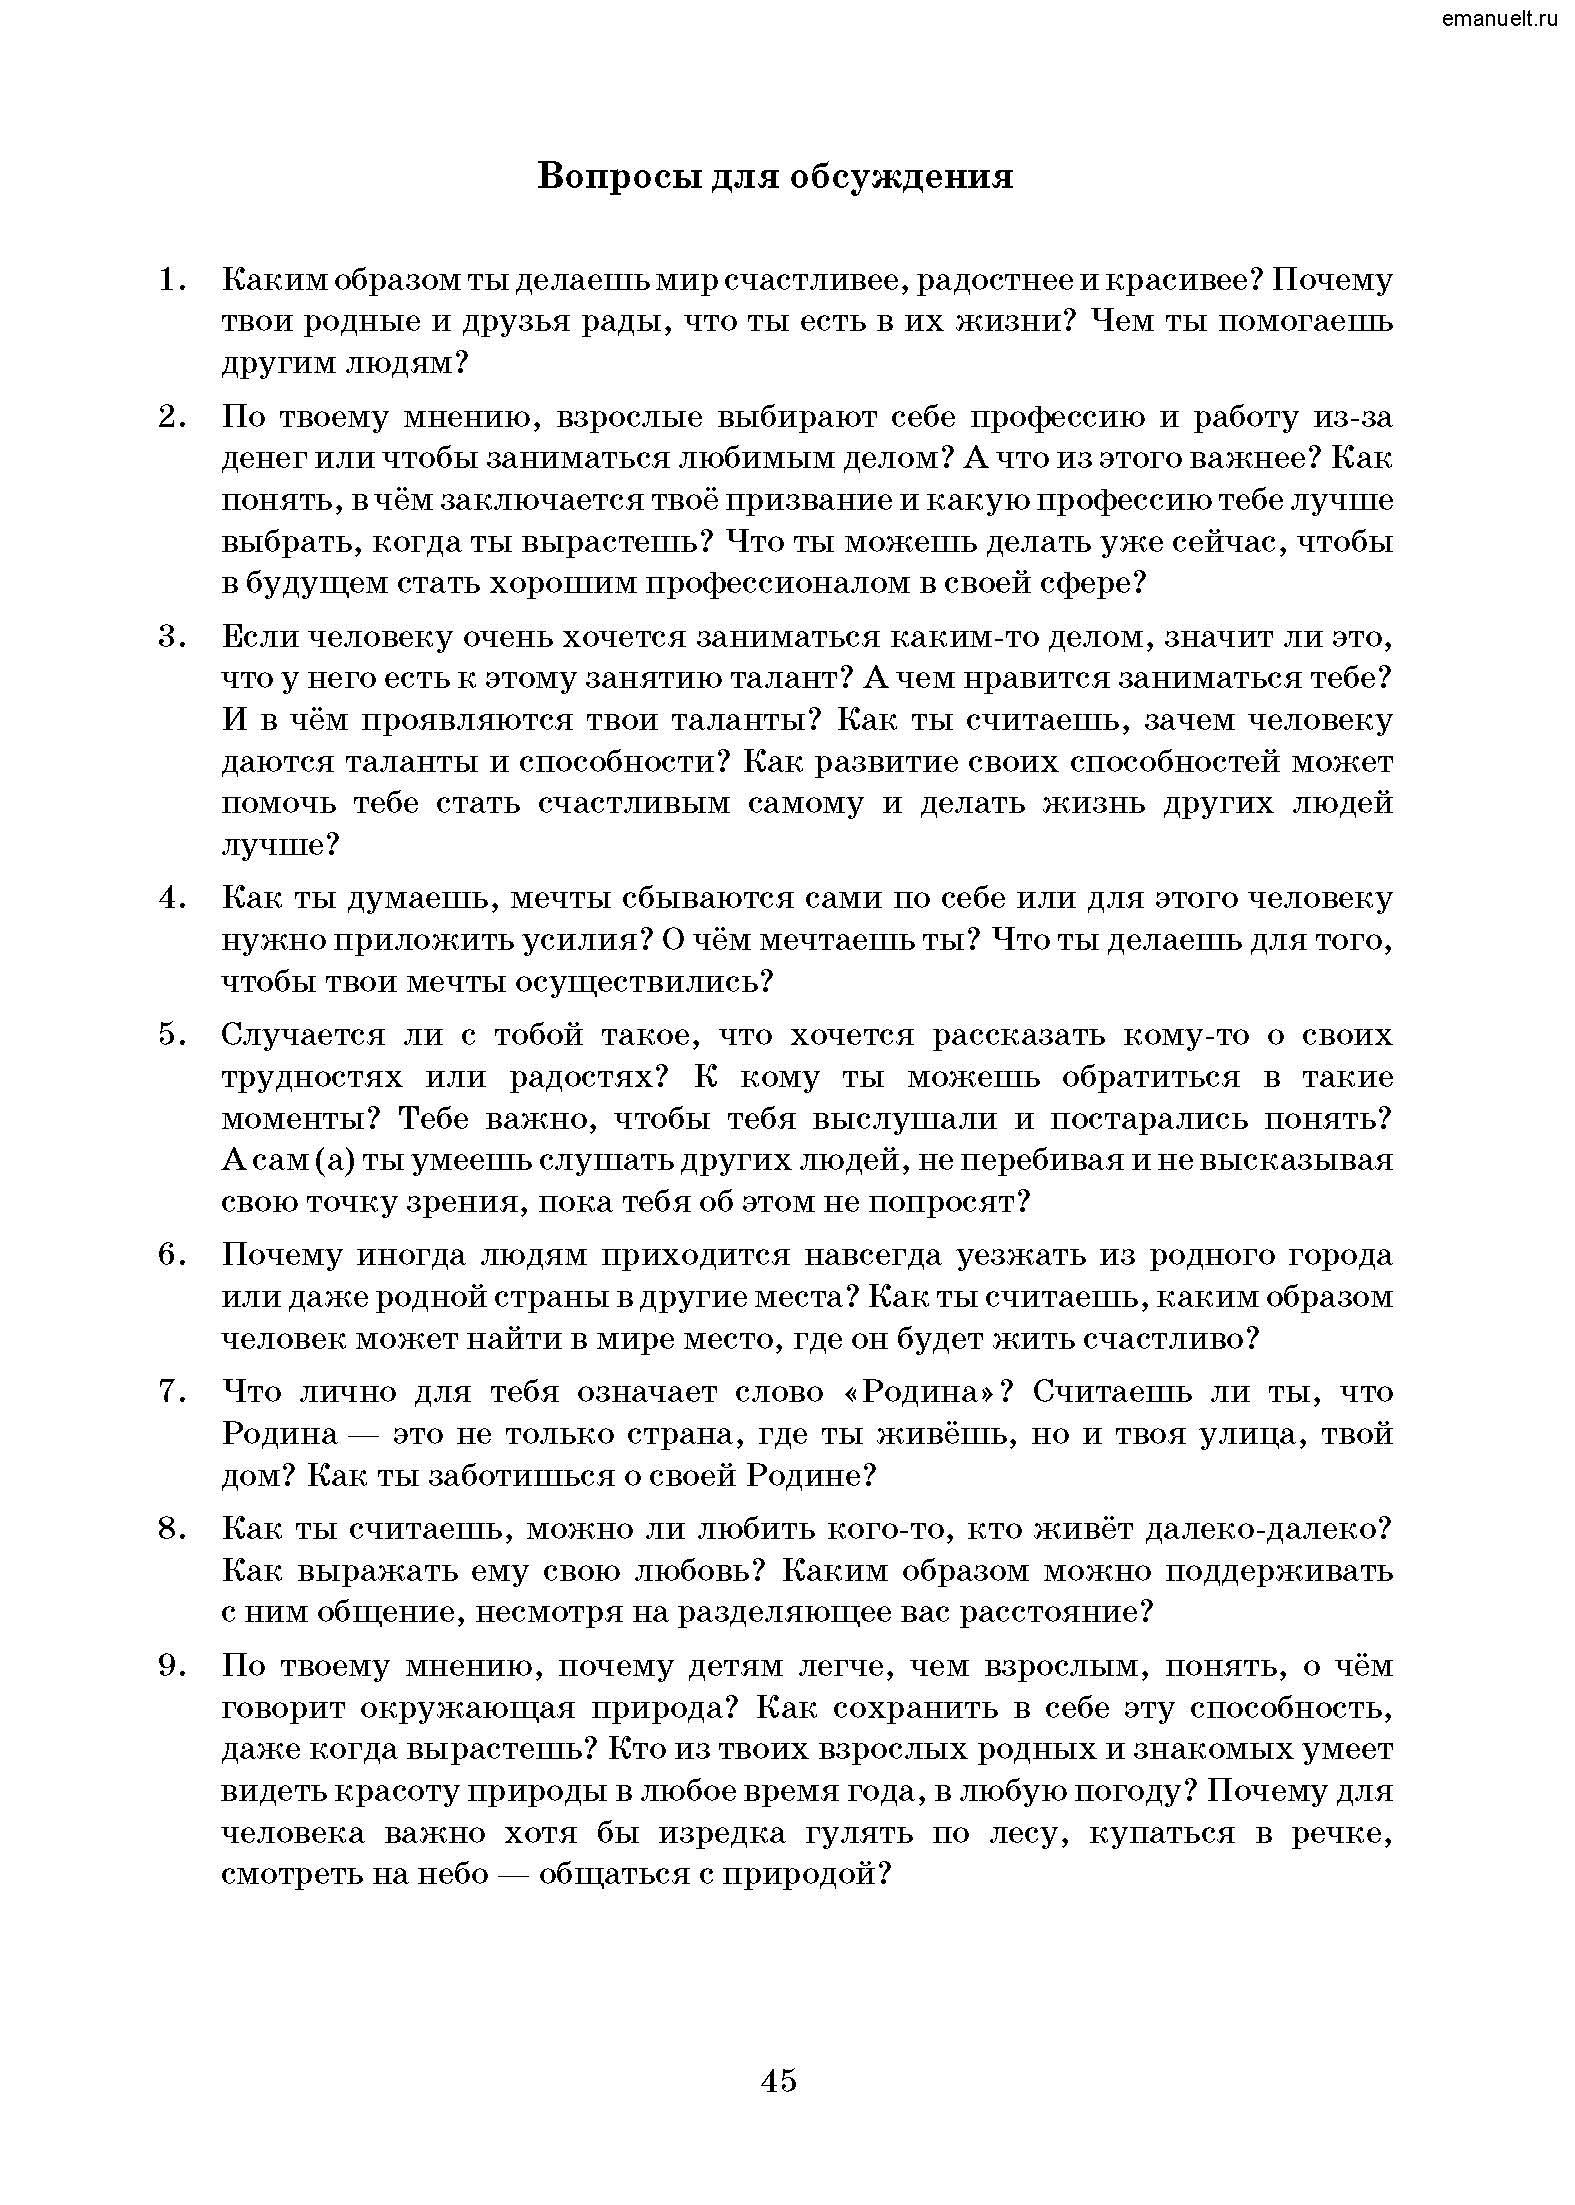 Рассказки в заданиях. emanuelt.ru_Страница_046